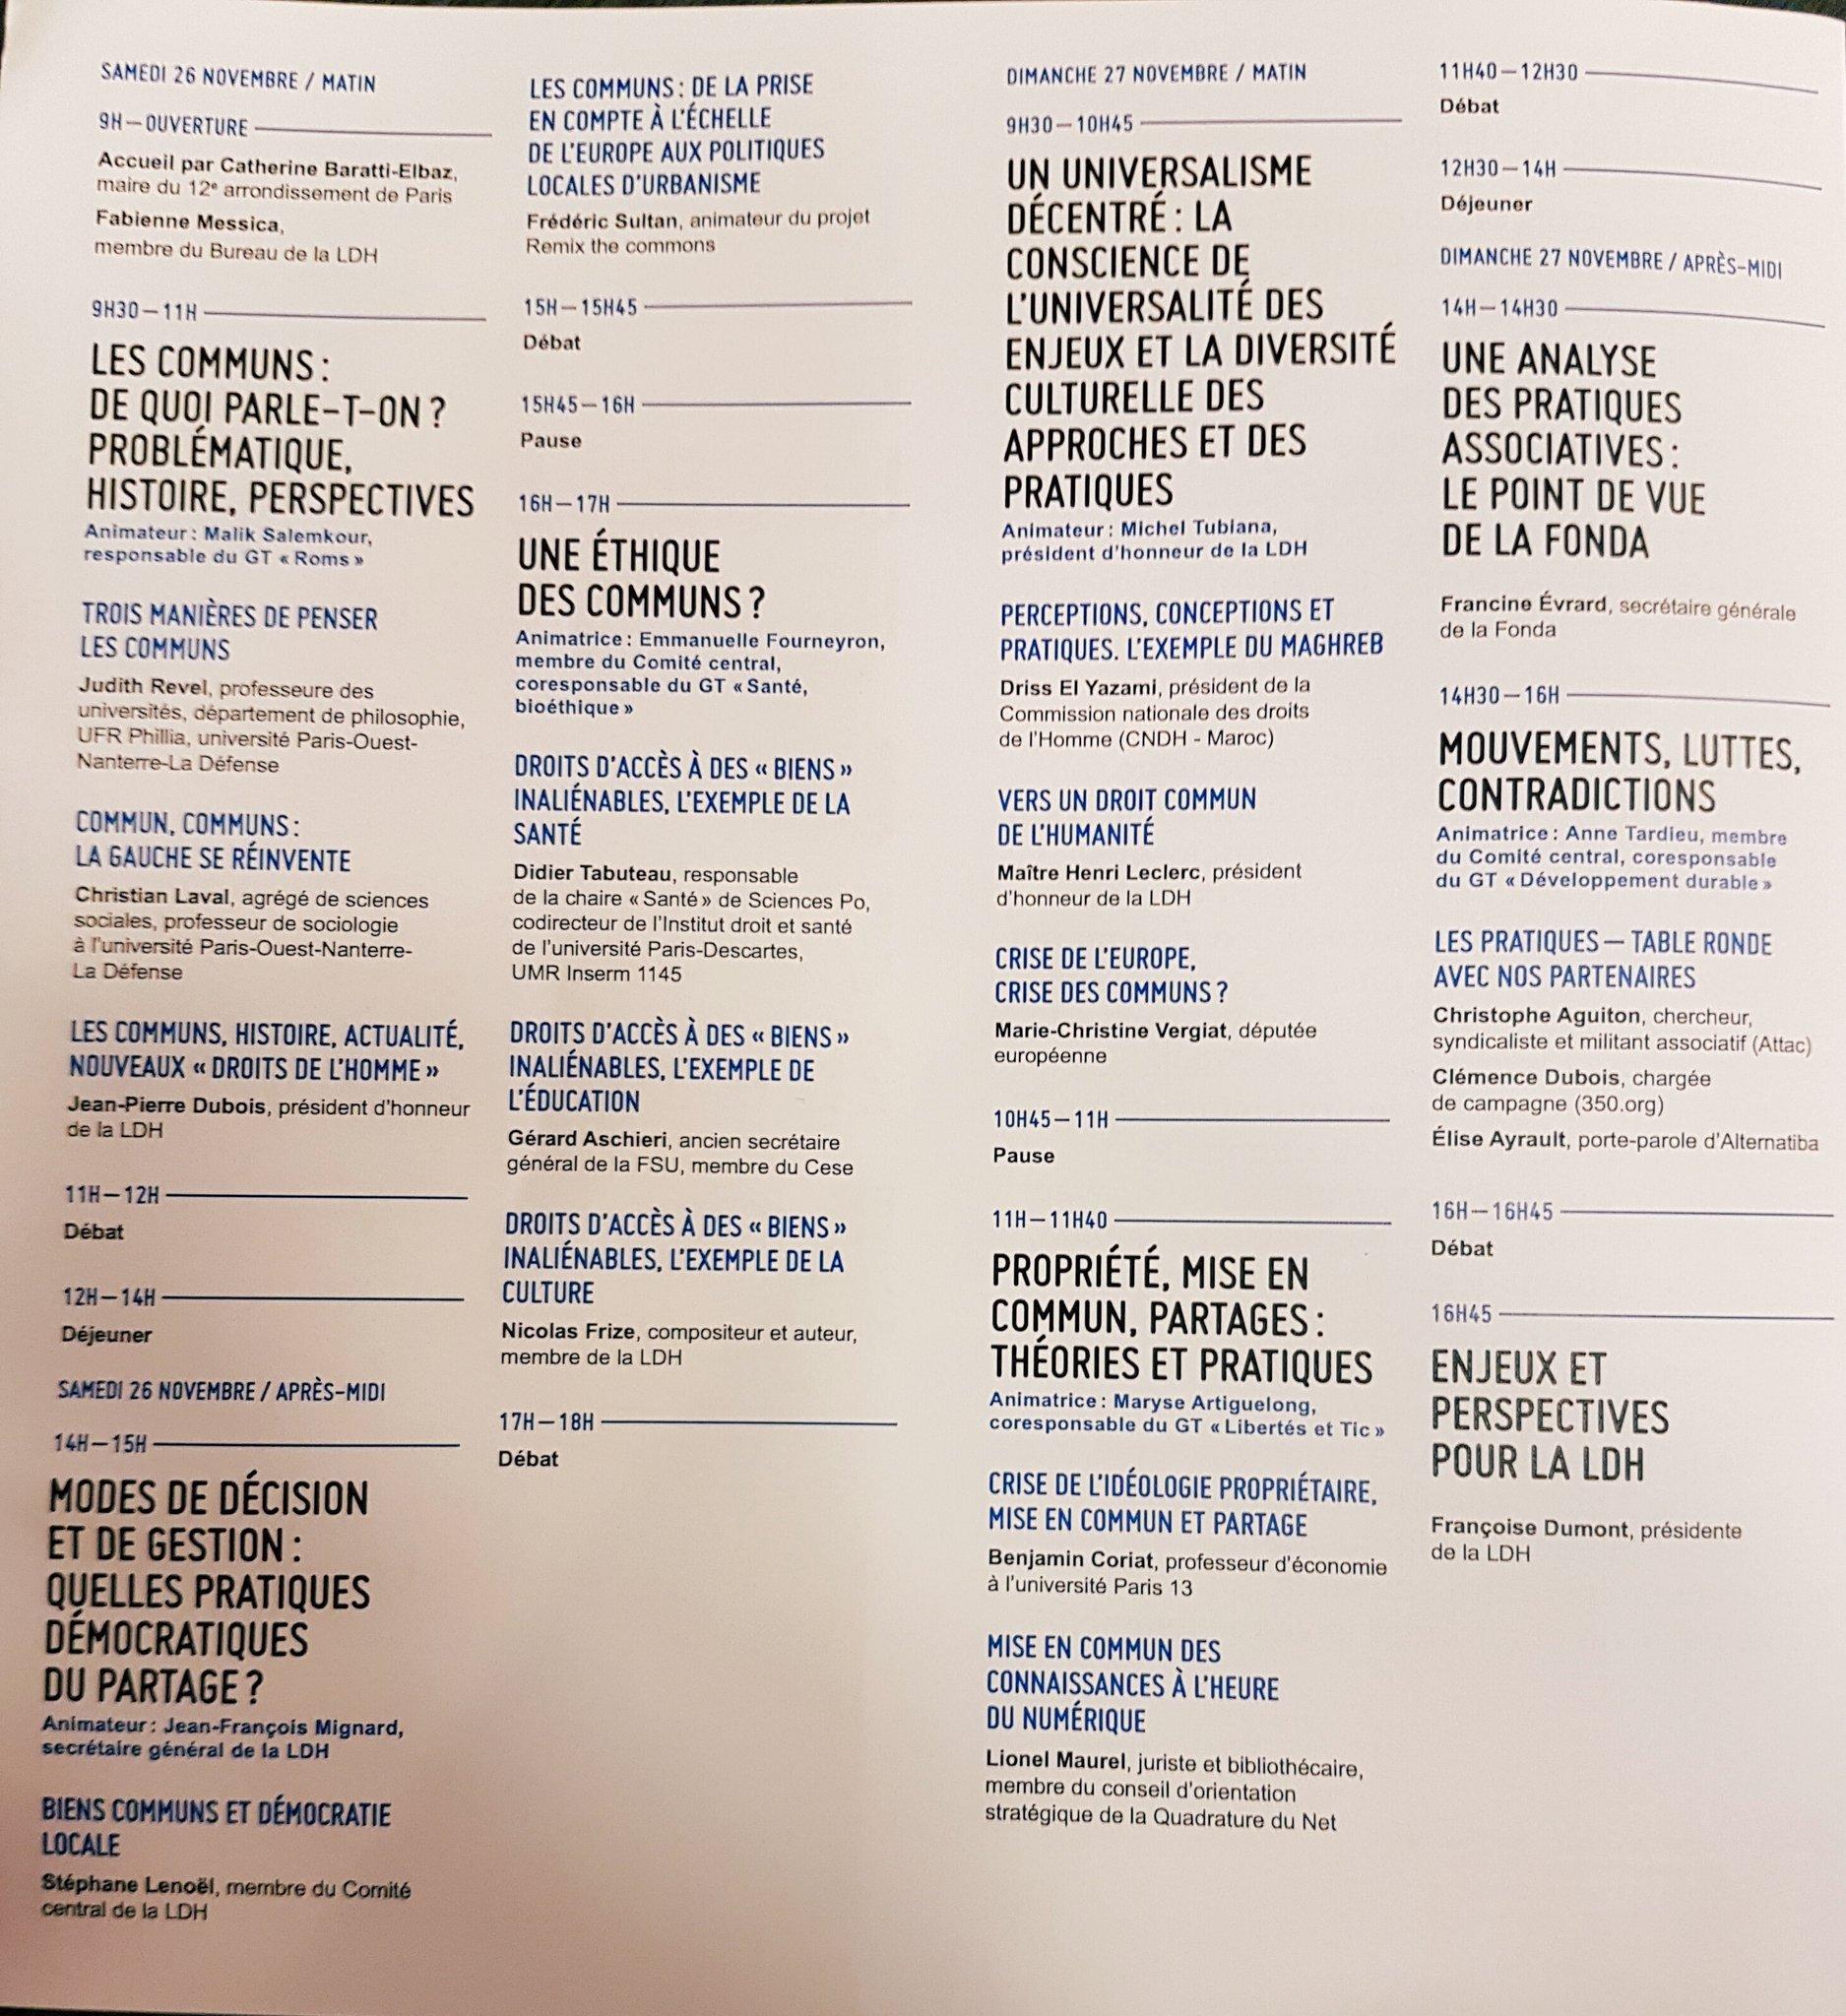 Suite du programme: 3 approches pour éclaircir les #communs: philosophique, sociologique et politique #UALDH2016 https://t.co/2w5gk1EDfp